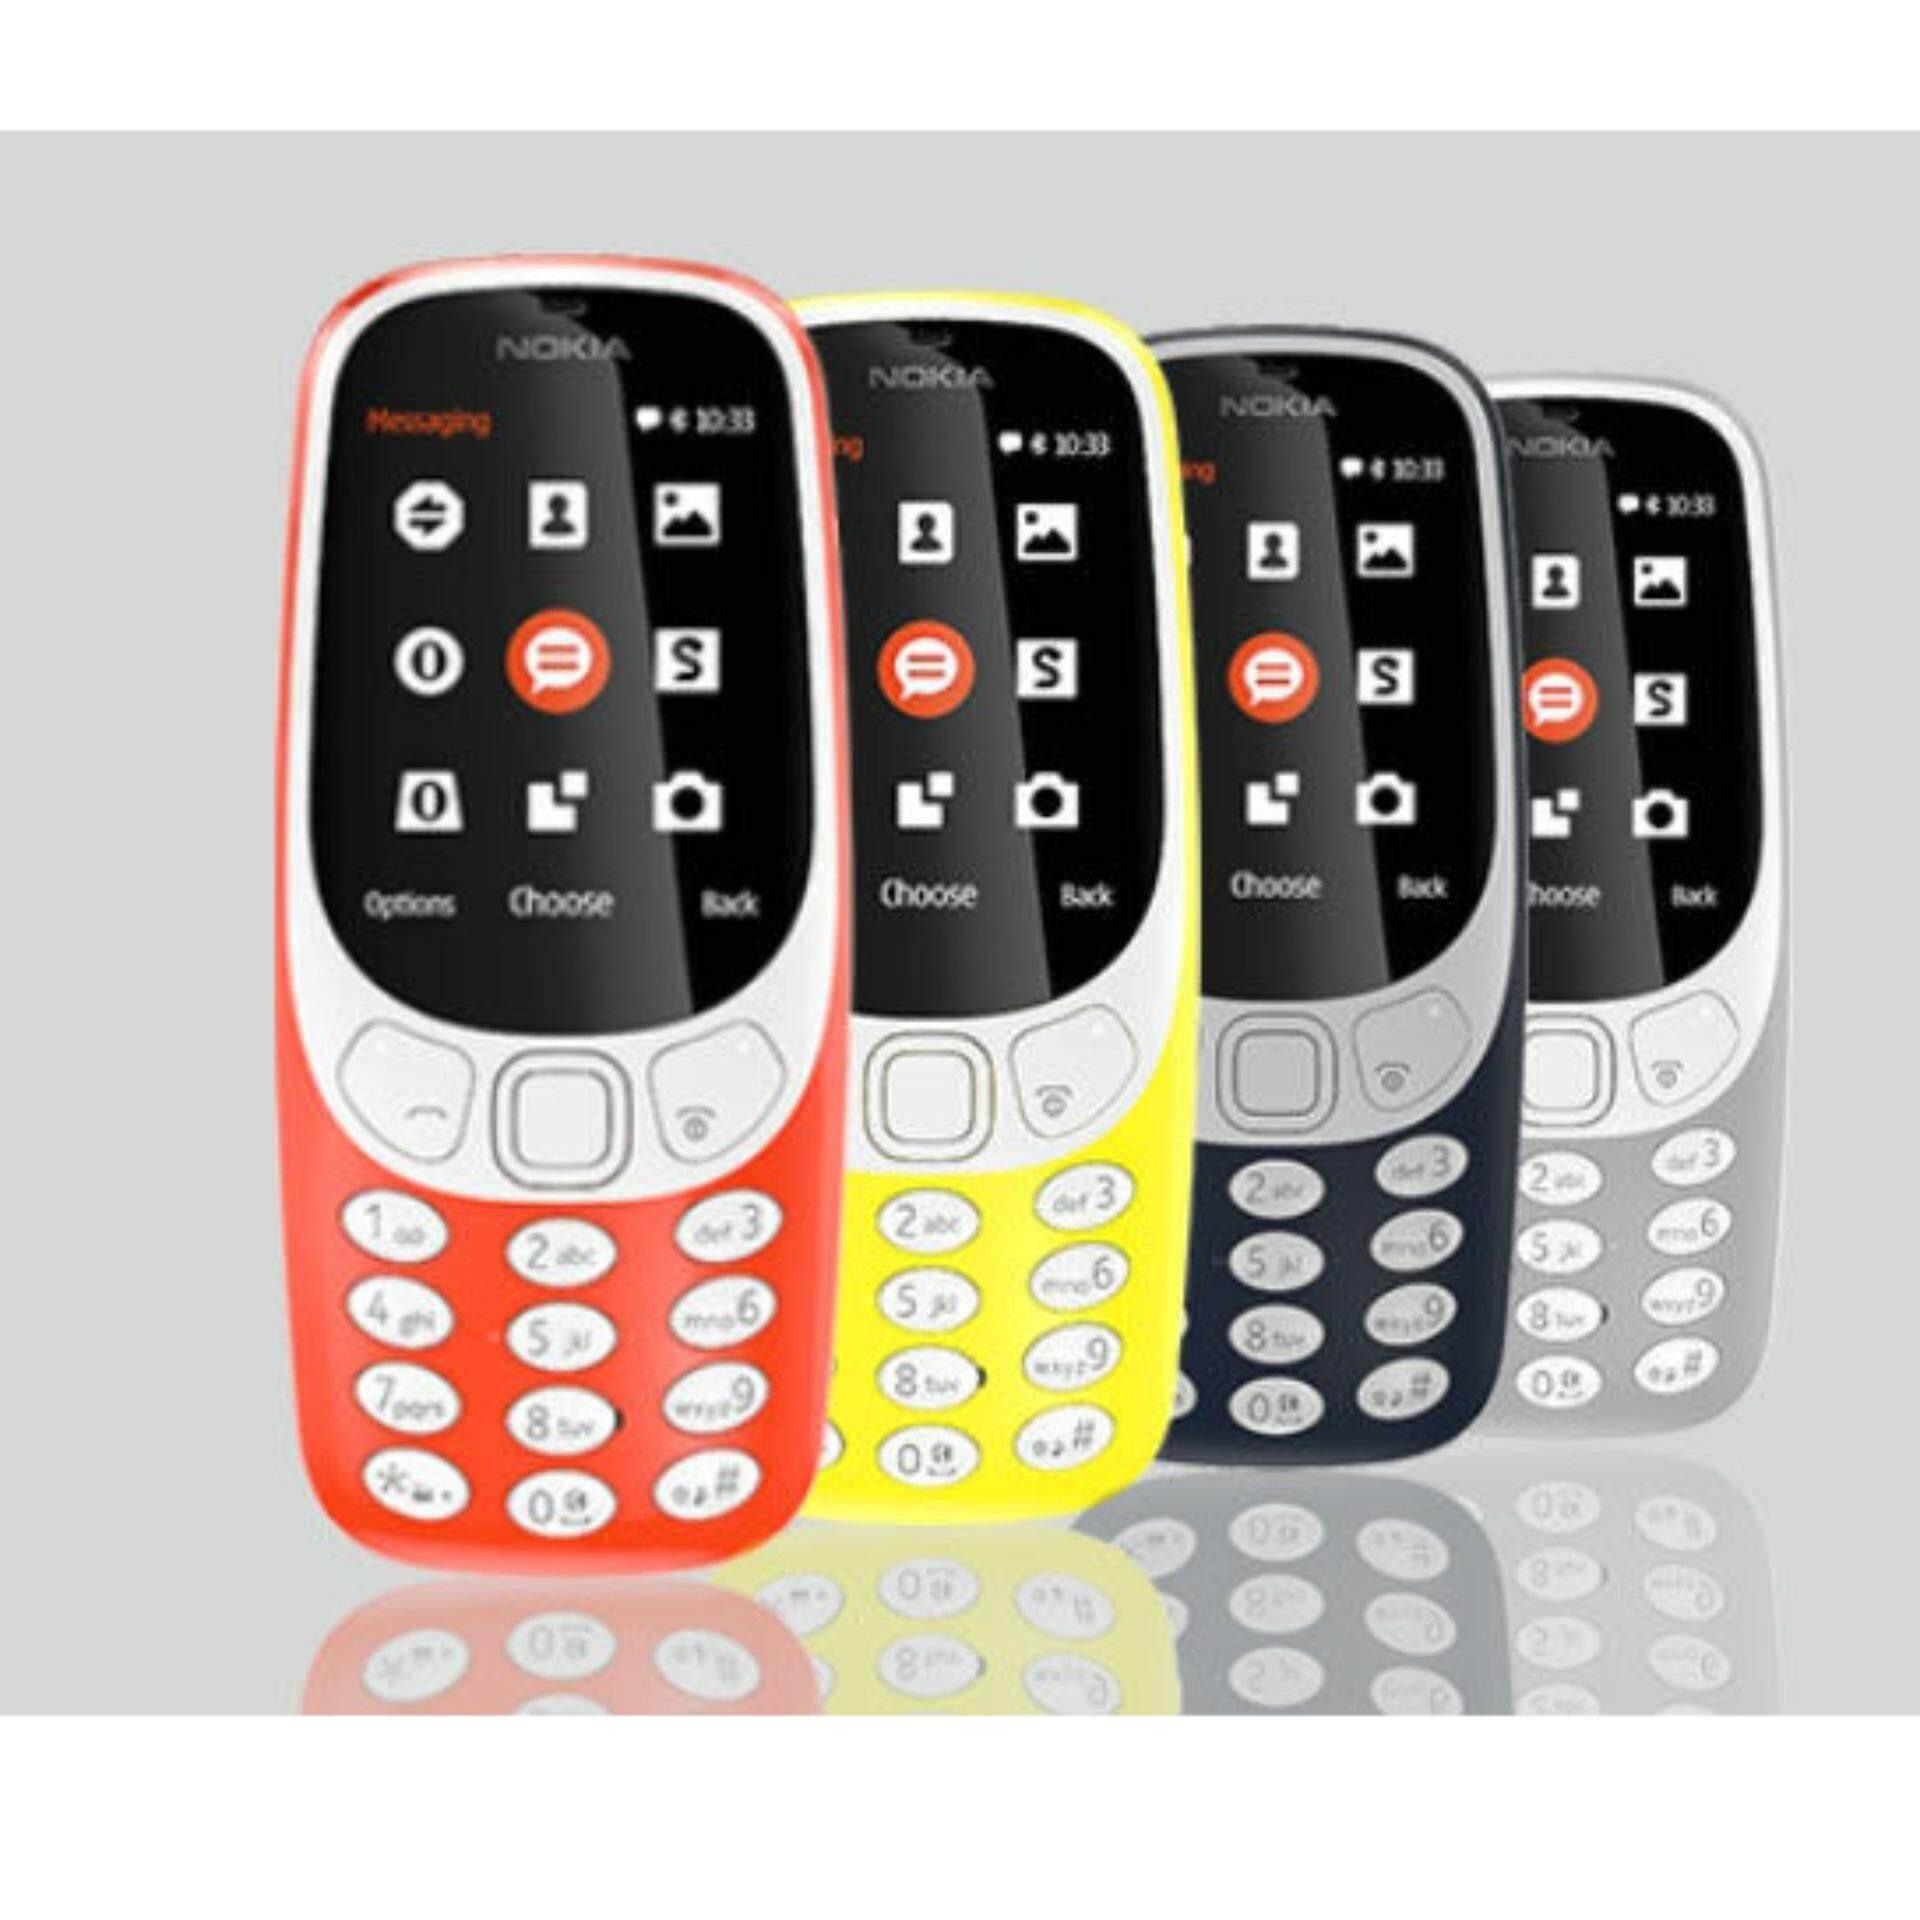 Nokia 3310  Back To Classic Best Seller, Nokia 3310 Blue, Nokia 3310 Orange, Nokia 3310 Grey, Nokia 3310 Black